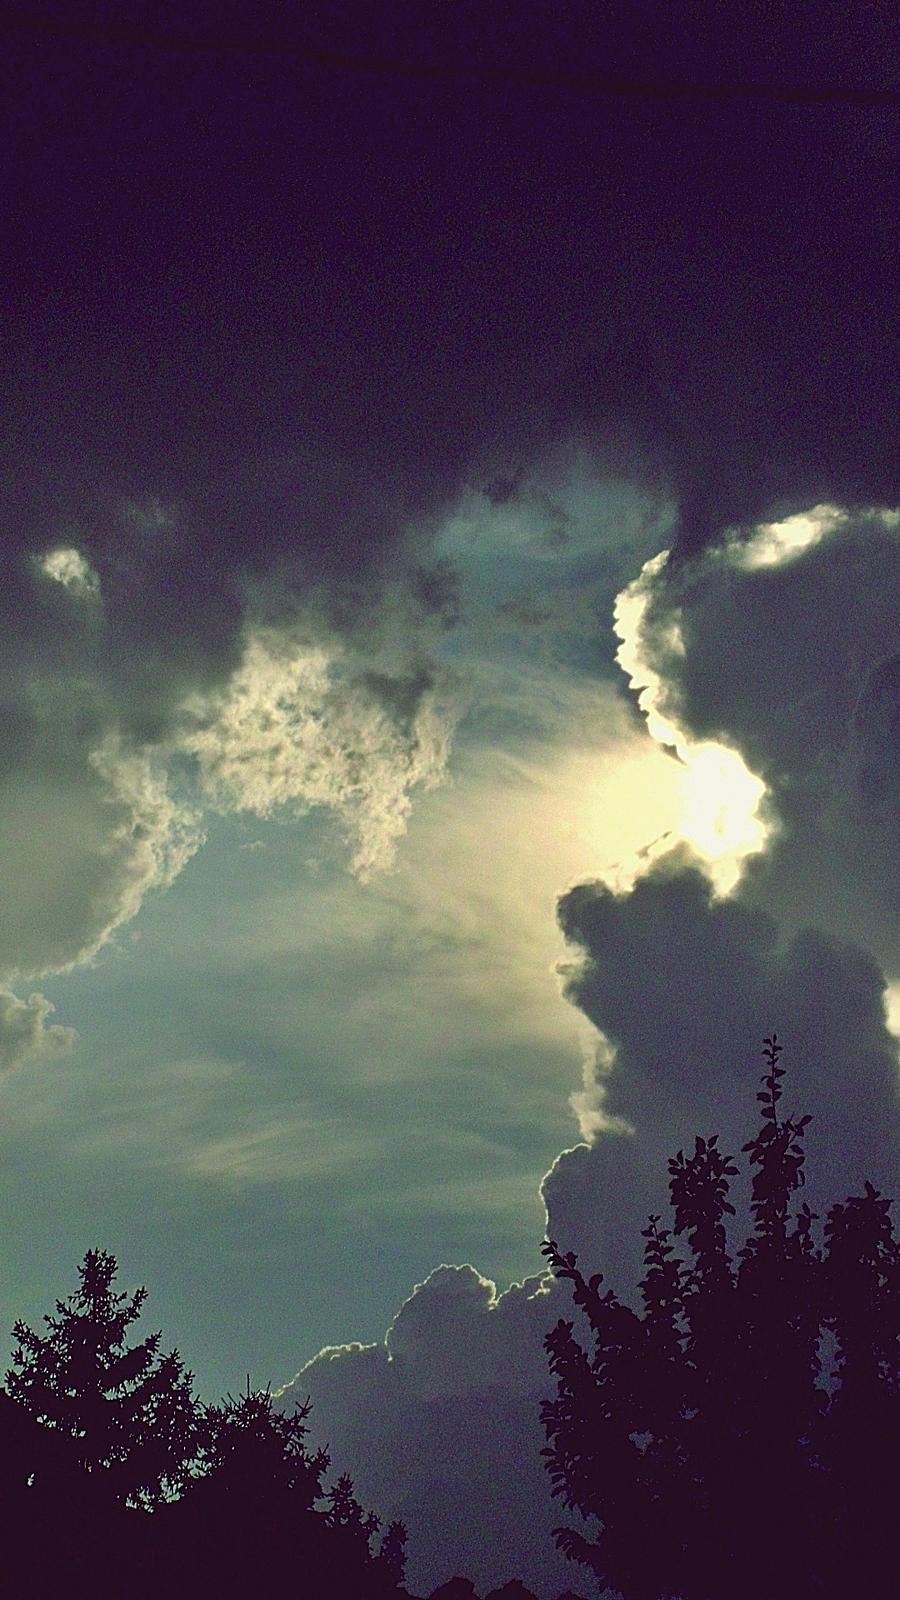 A light in the black by LongLiveRockNRollVR